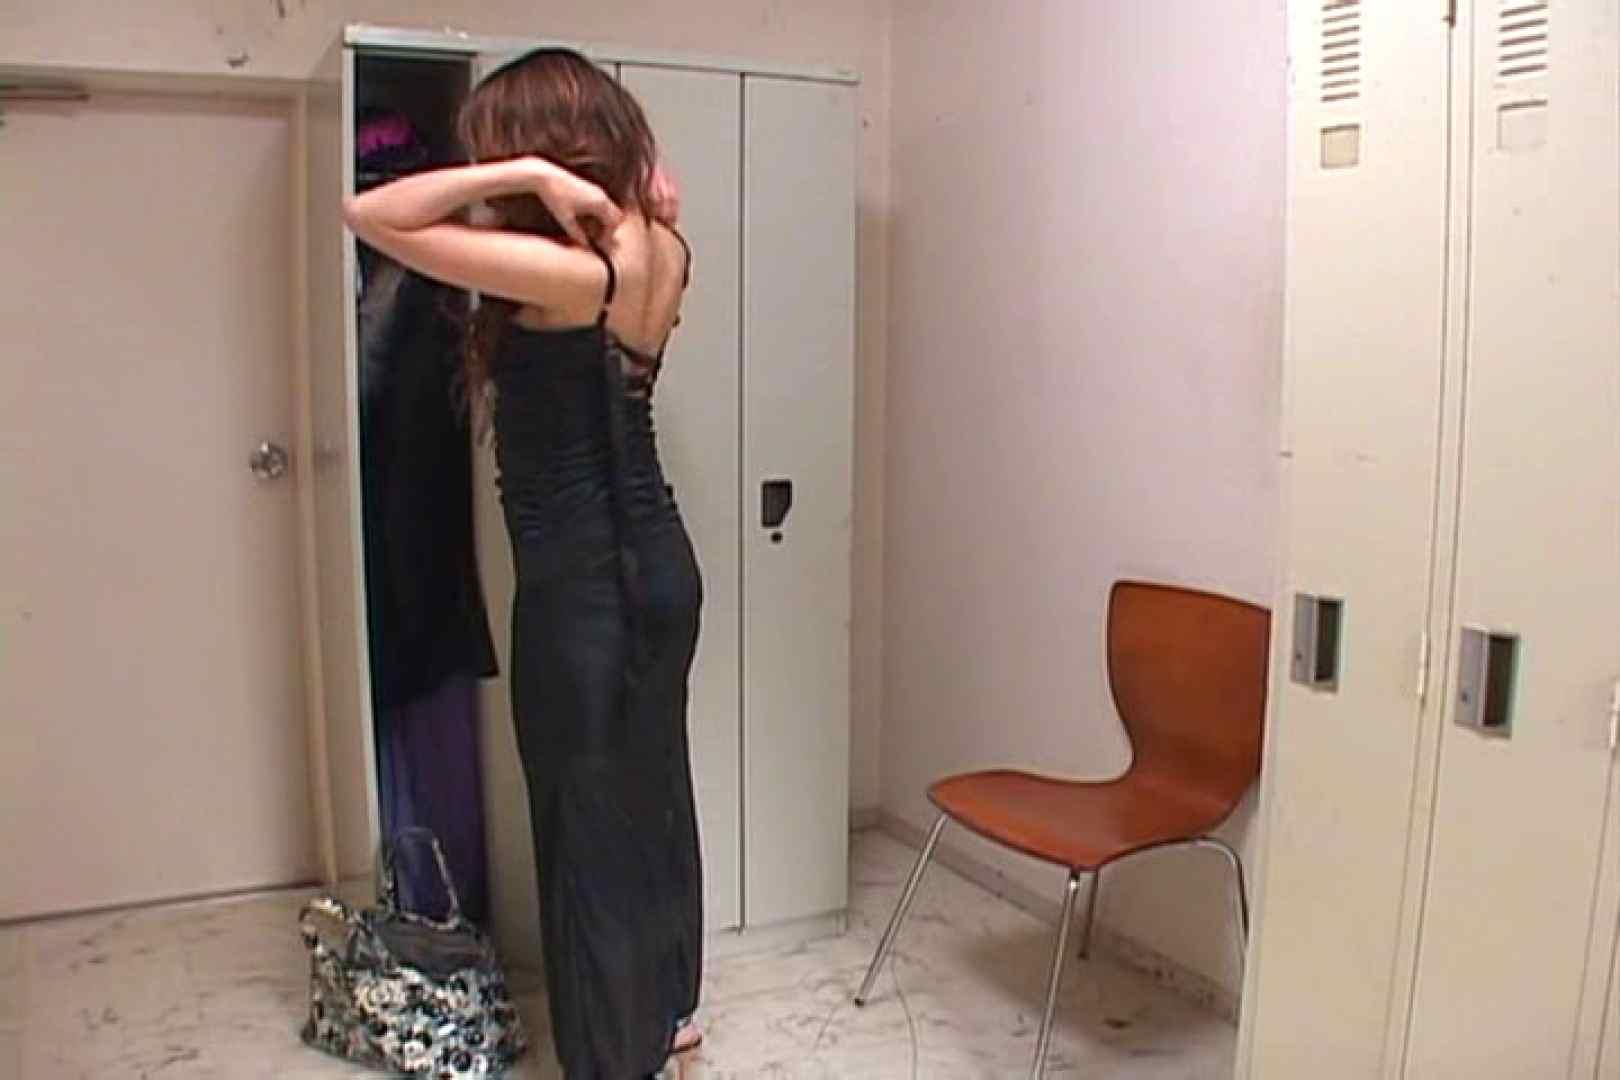 キャバ嬢舞台裏Vol.5 お姉さん丸裸 オマンコ無修正動画無料 88pic 23